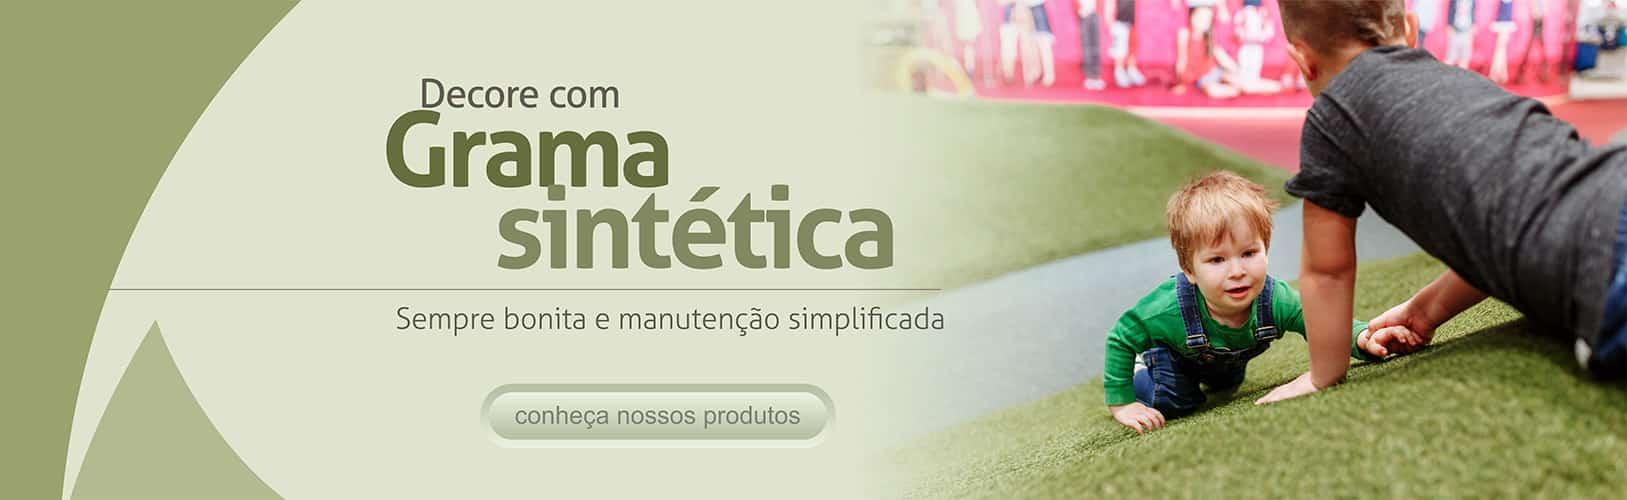 decore-com-grama-sintetica